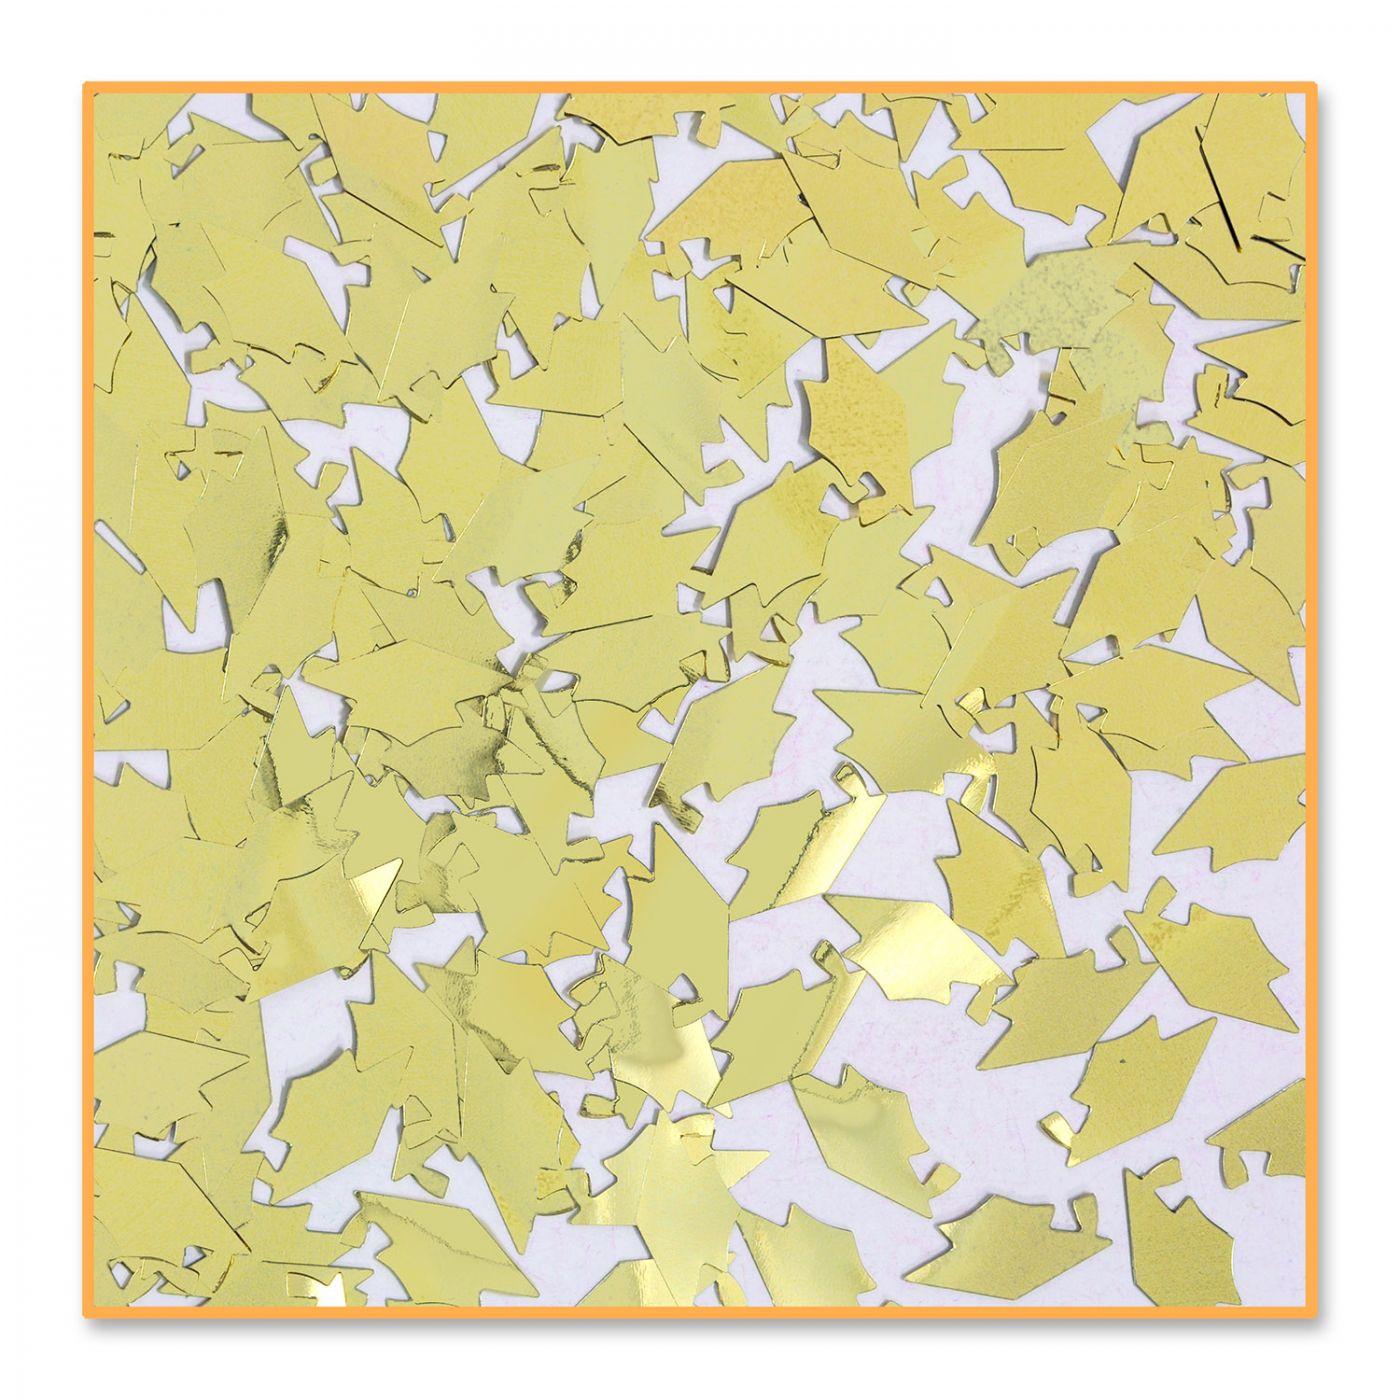 Gold Grad Caps Confetti (6) image